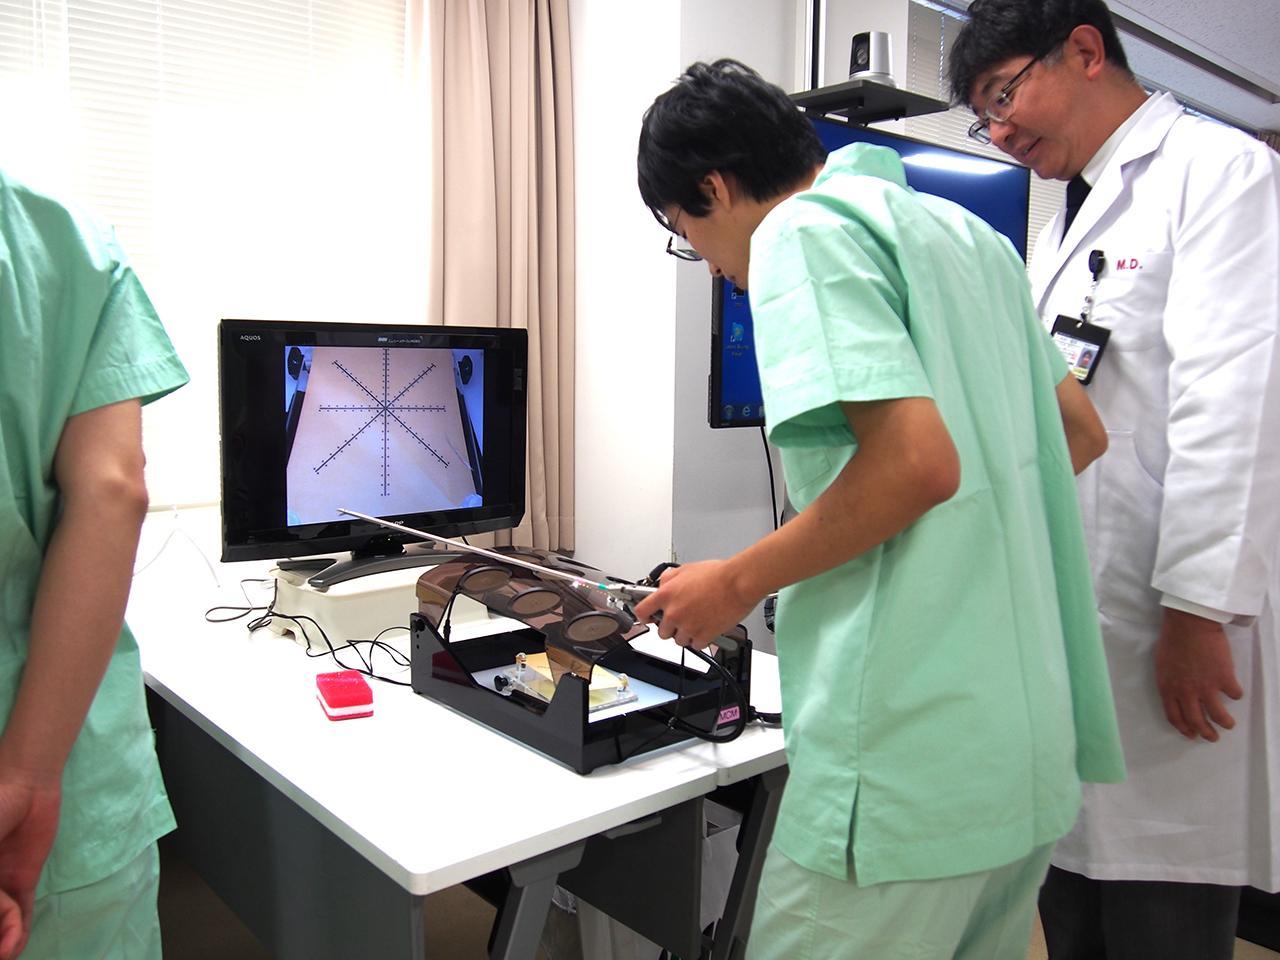 画像: 中村雅敏医師にアドバイスをもらいながら実際に、腹腔内視鏡を体験。力加減や手先の器用さに加え、集中力も必要だ。